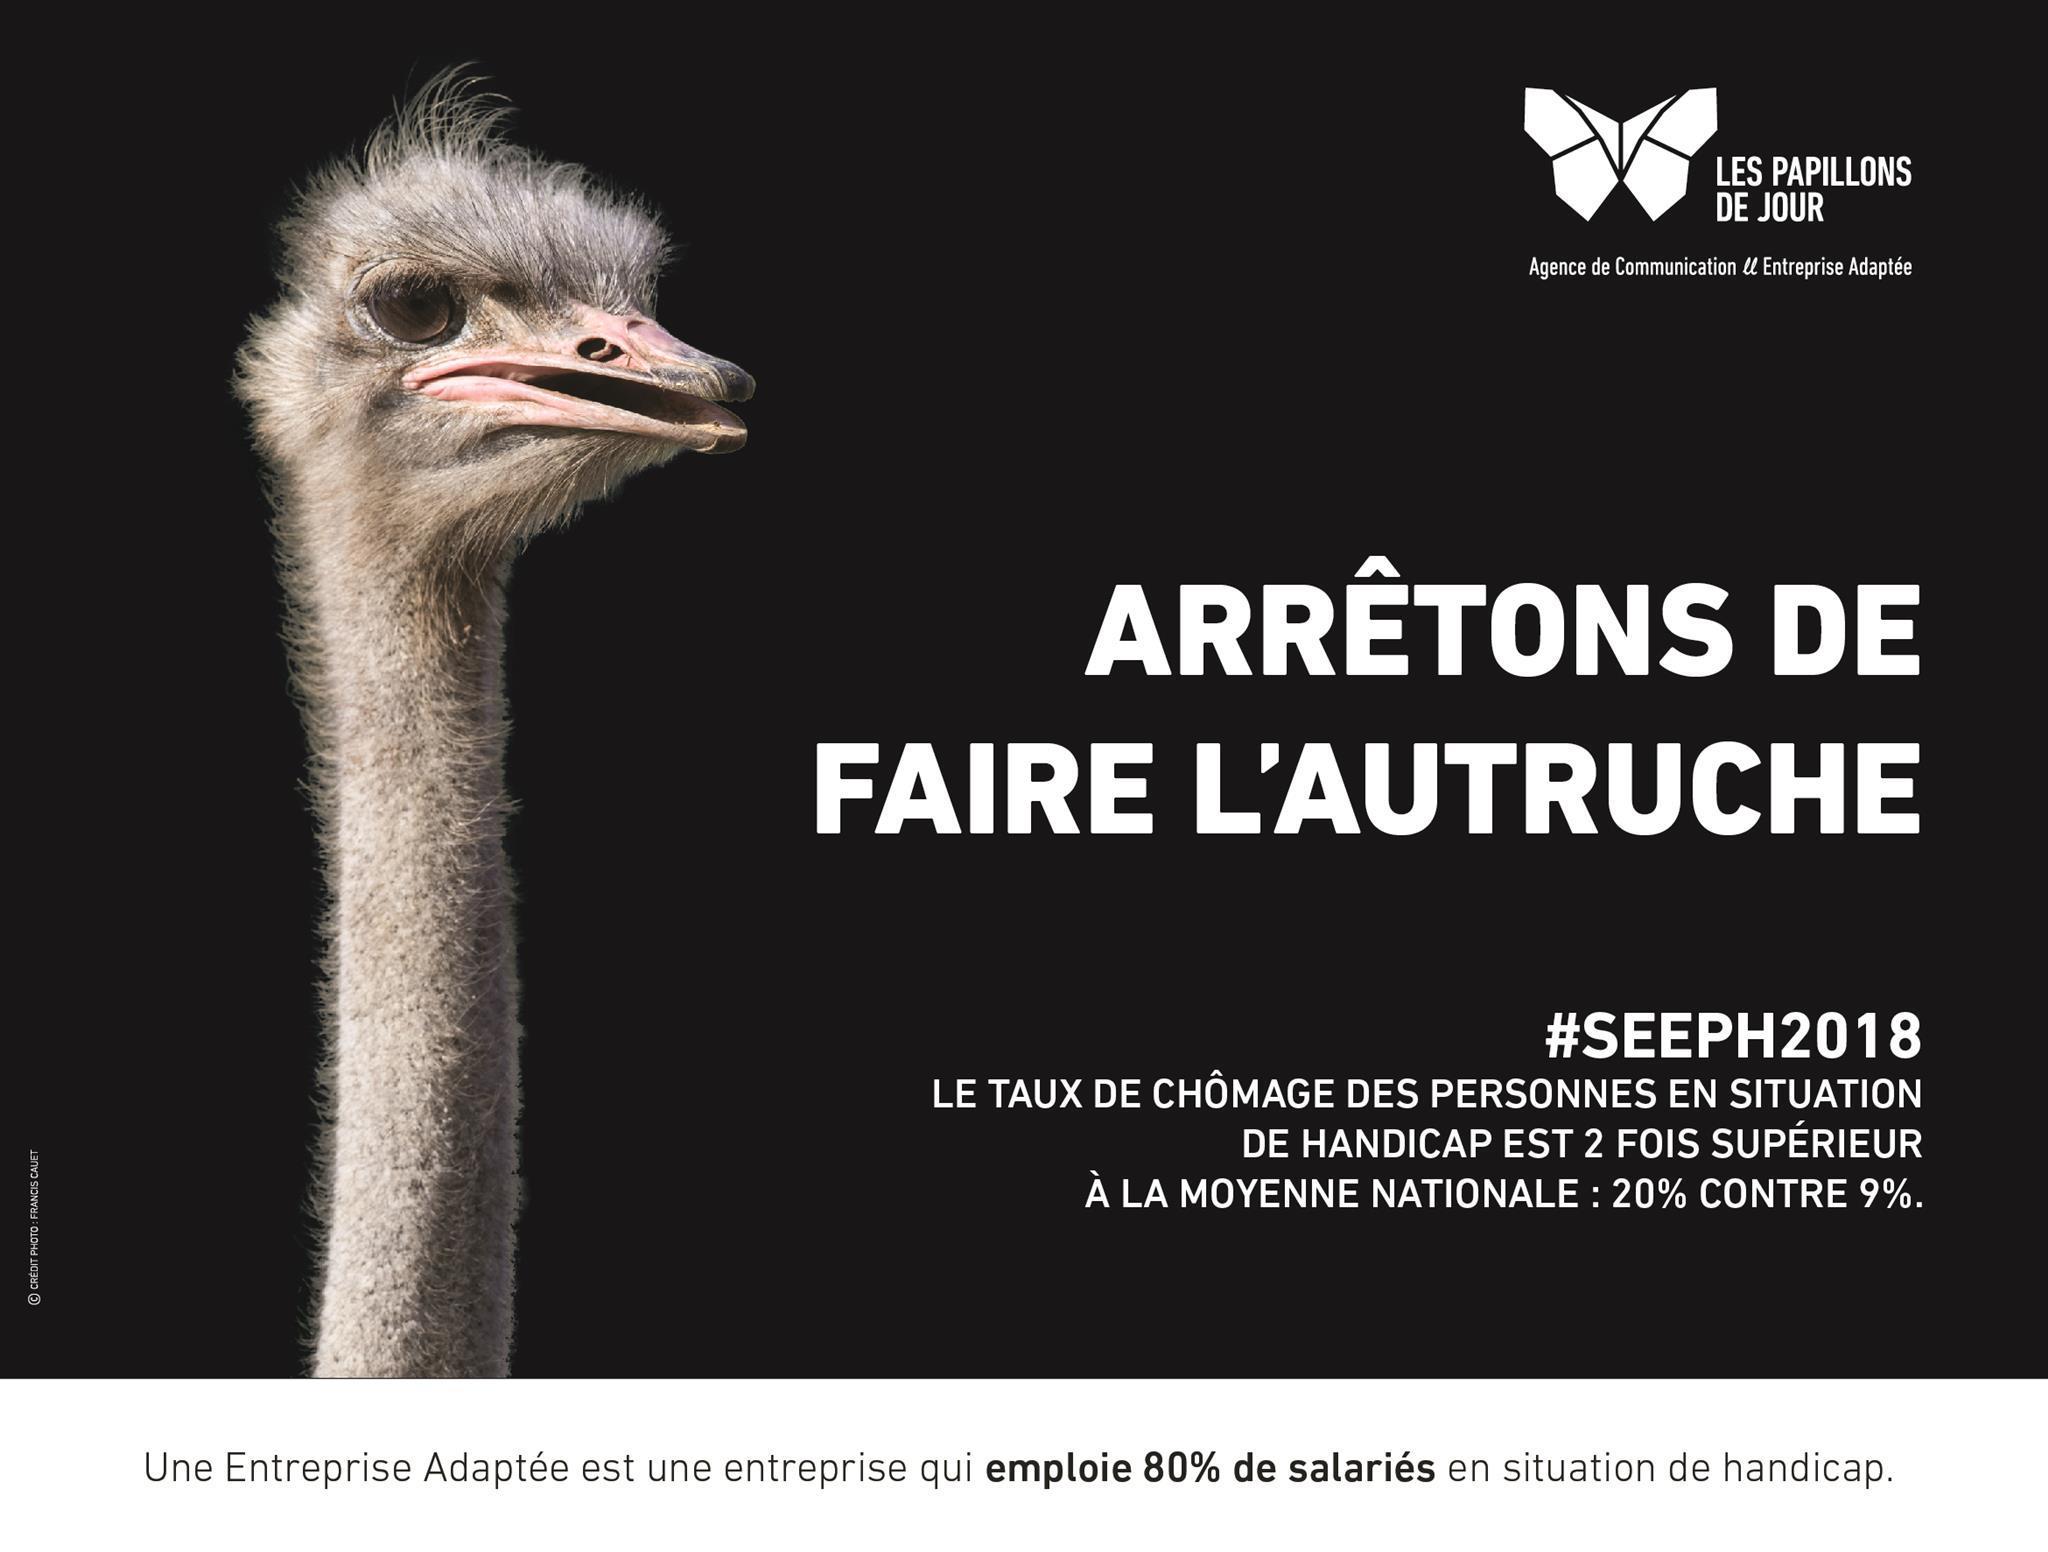 Campagne SEEPH lancée par les Papillons Blancs autruche